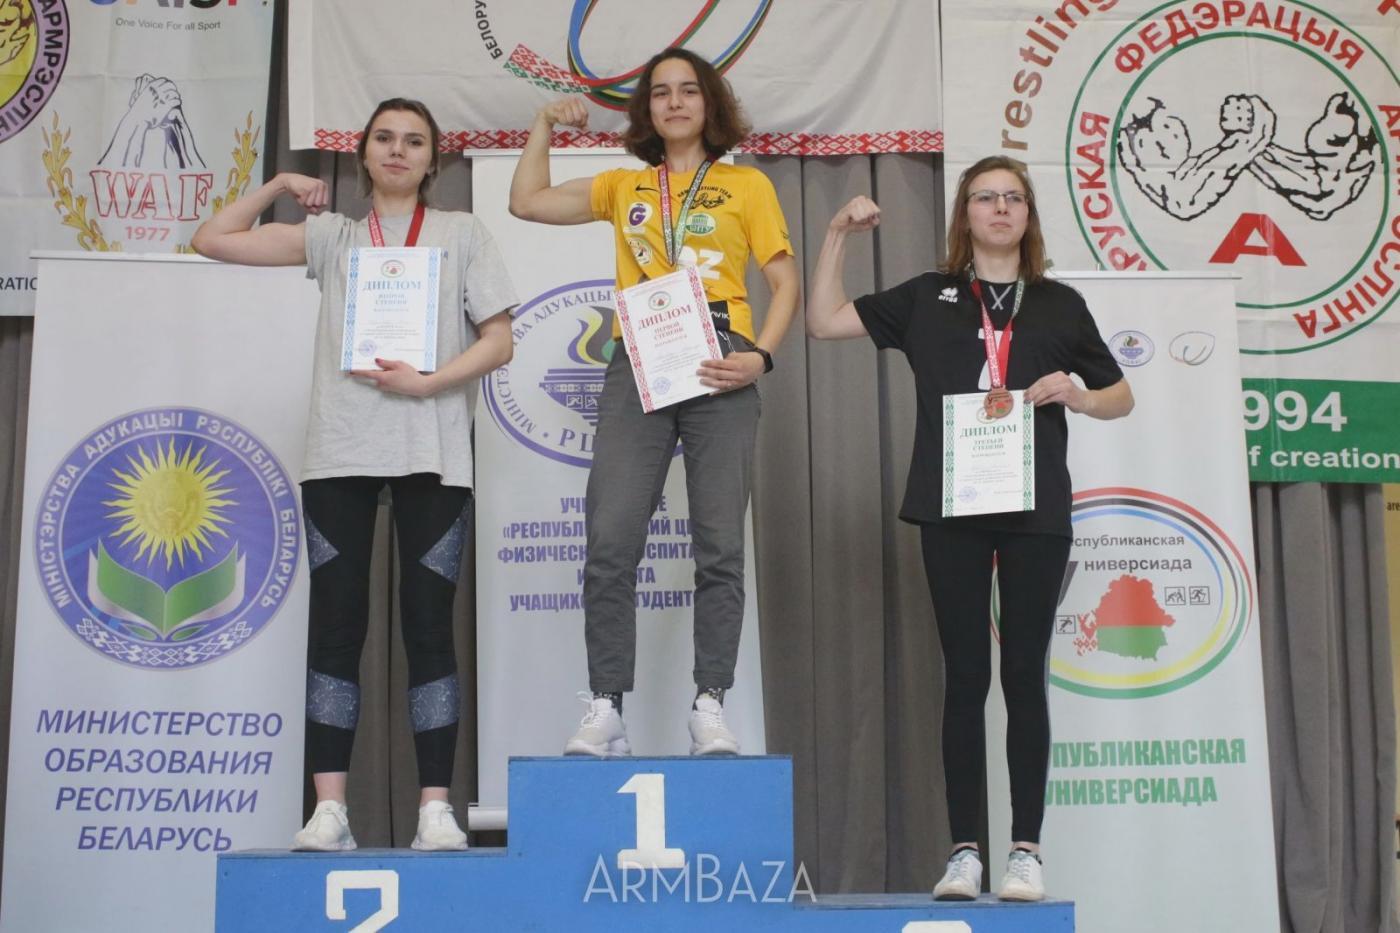 Чемпионат по армрестлингу